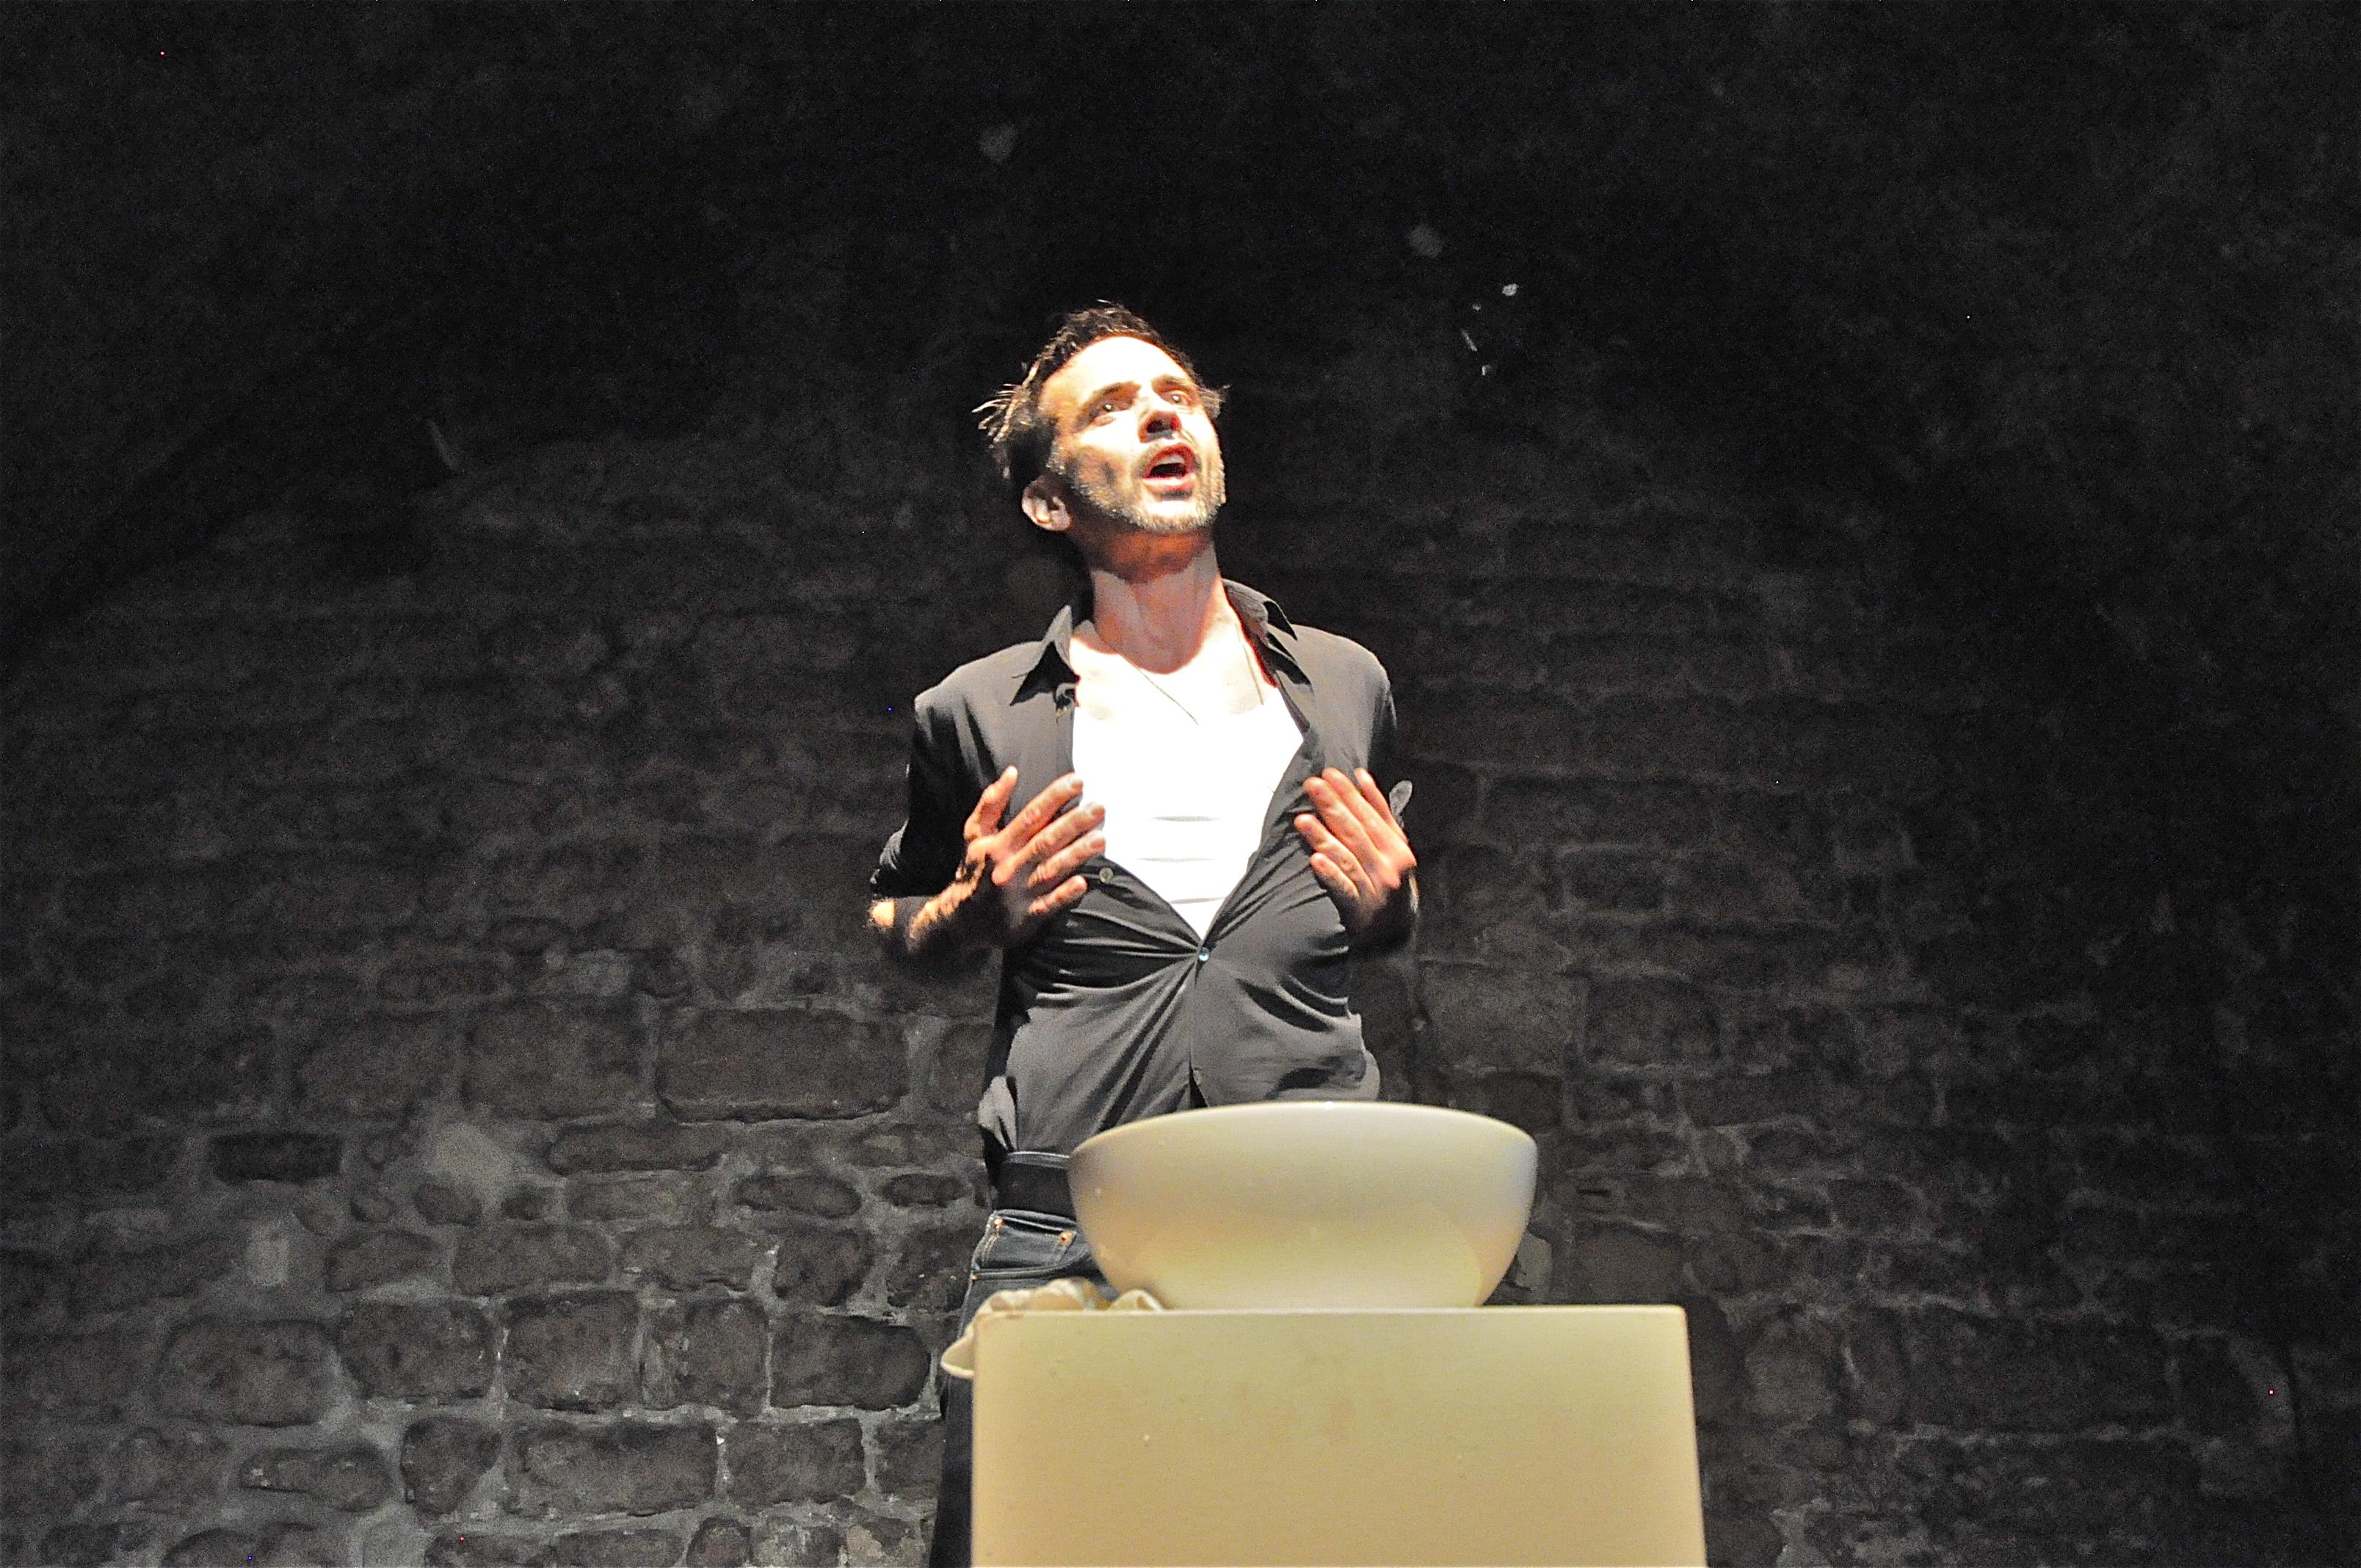 cours théâtre paris 12